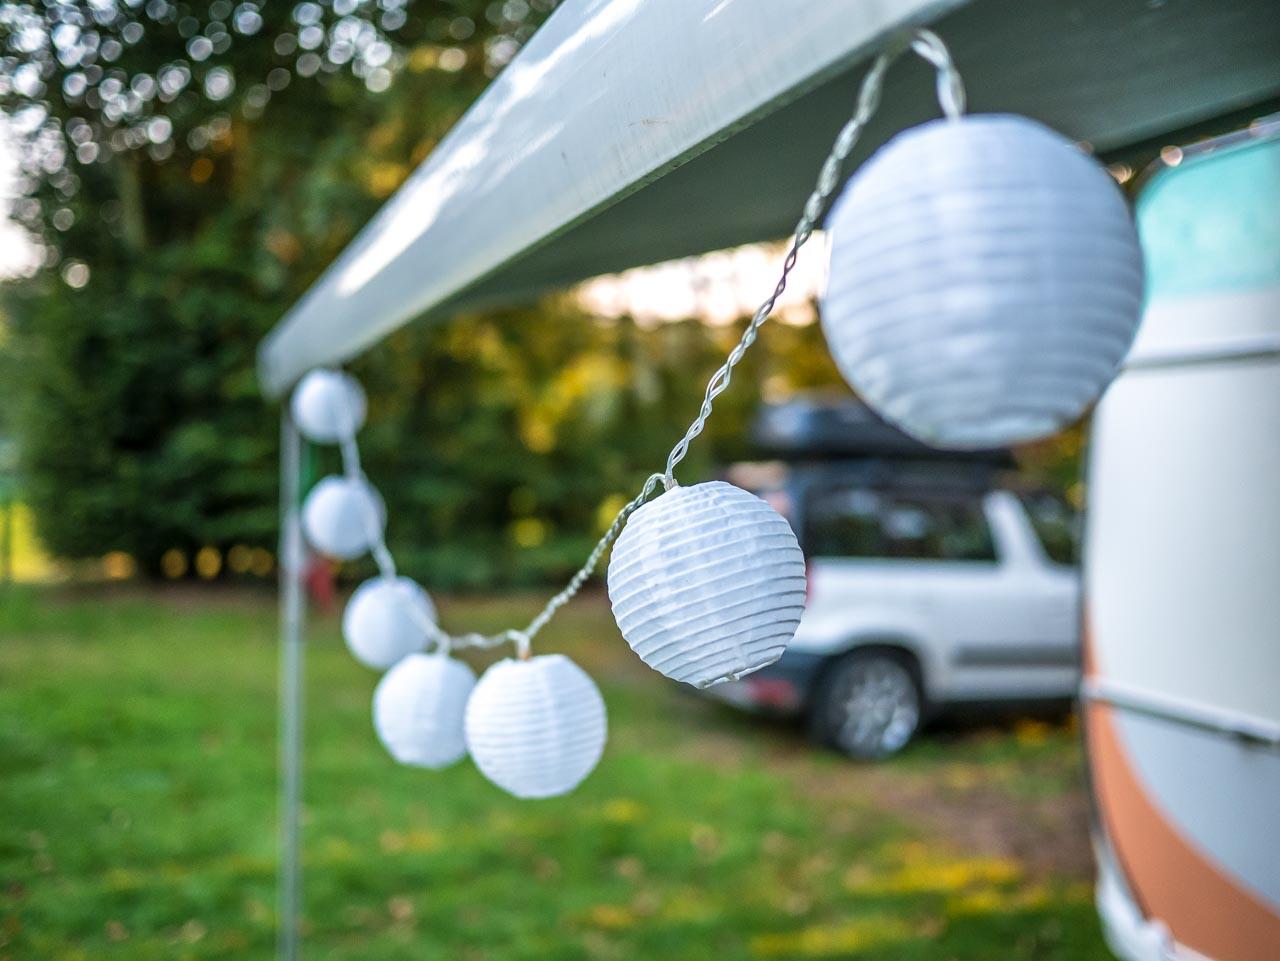 Outdoor Küche Auf Rädern : Duschvorhang kaufen im hellweg online shop für duschen stöbern